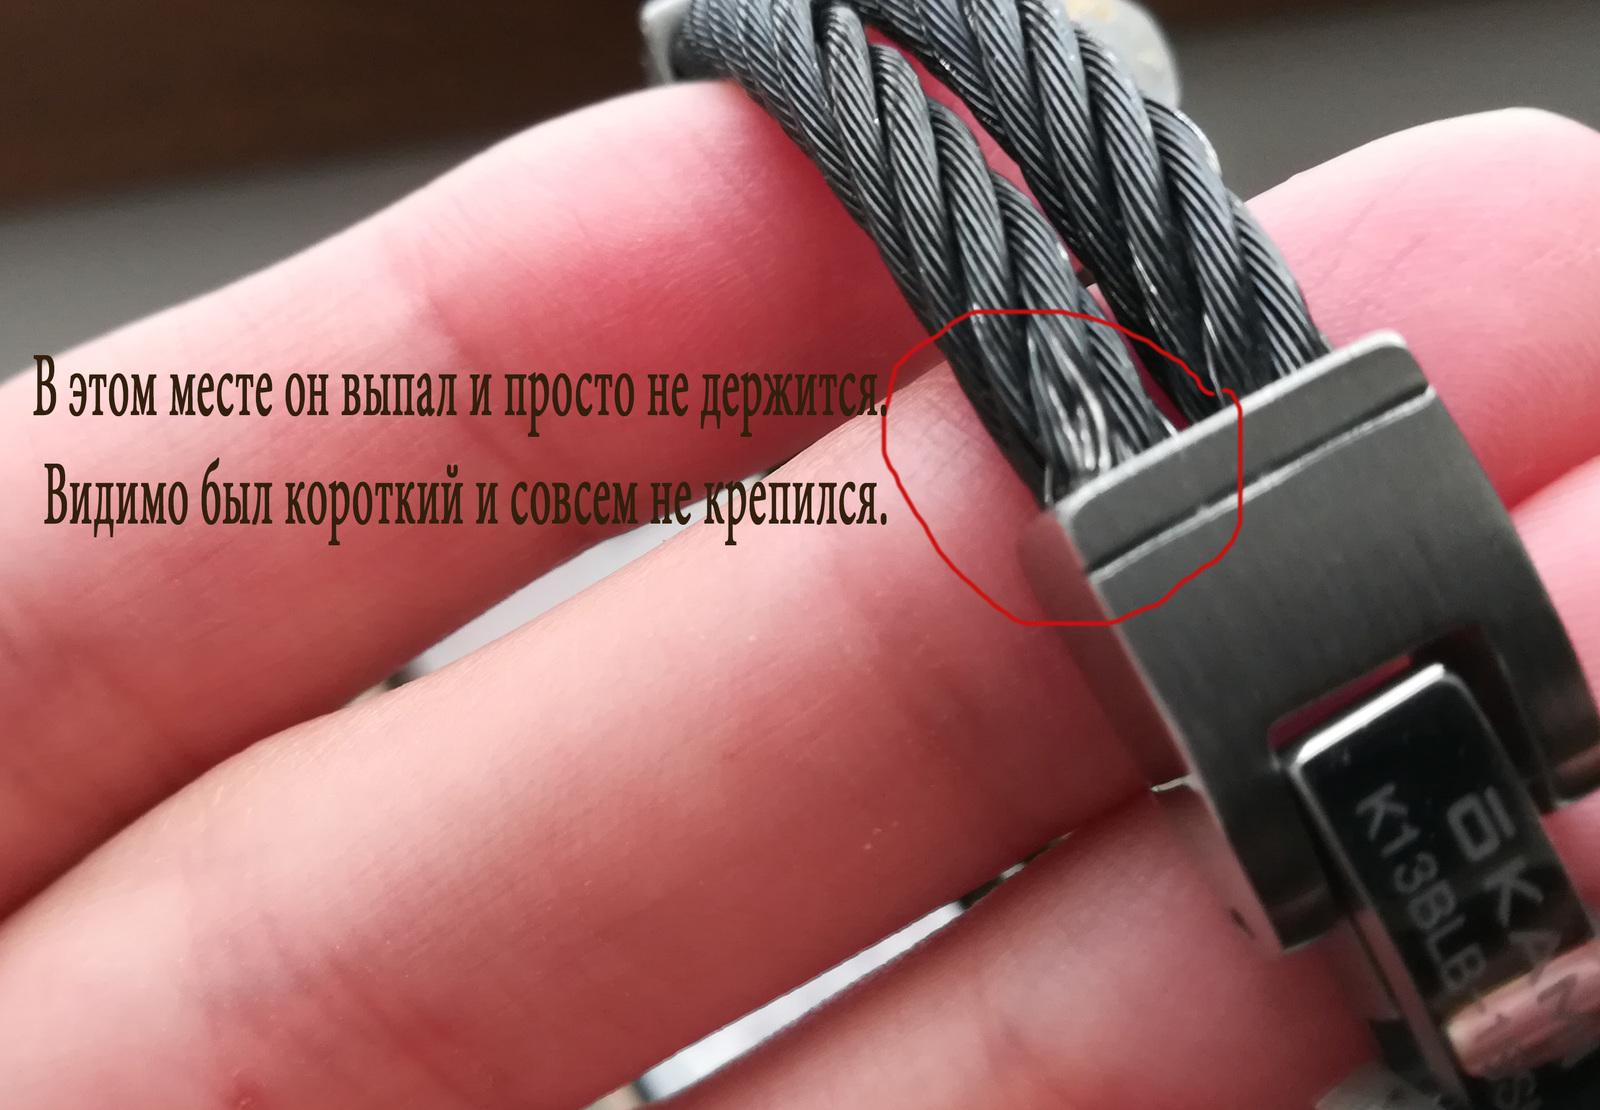 Возврат кабеля в магазин